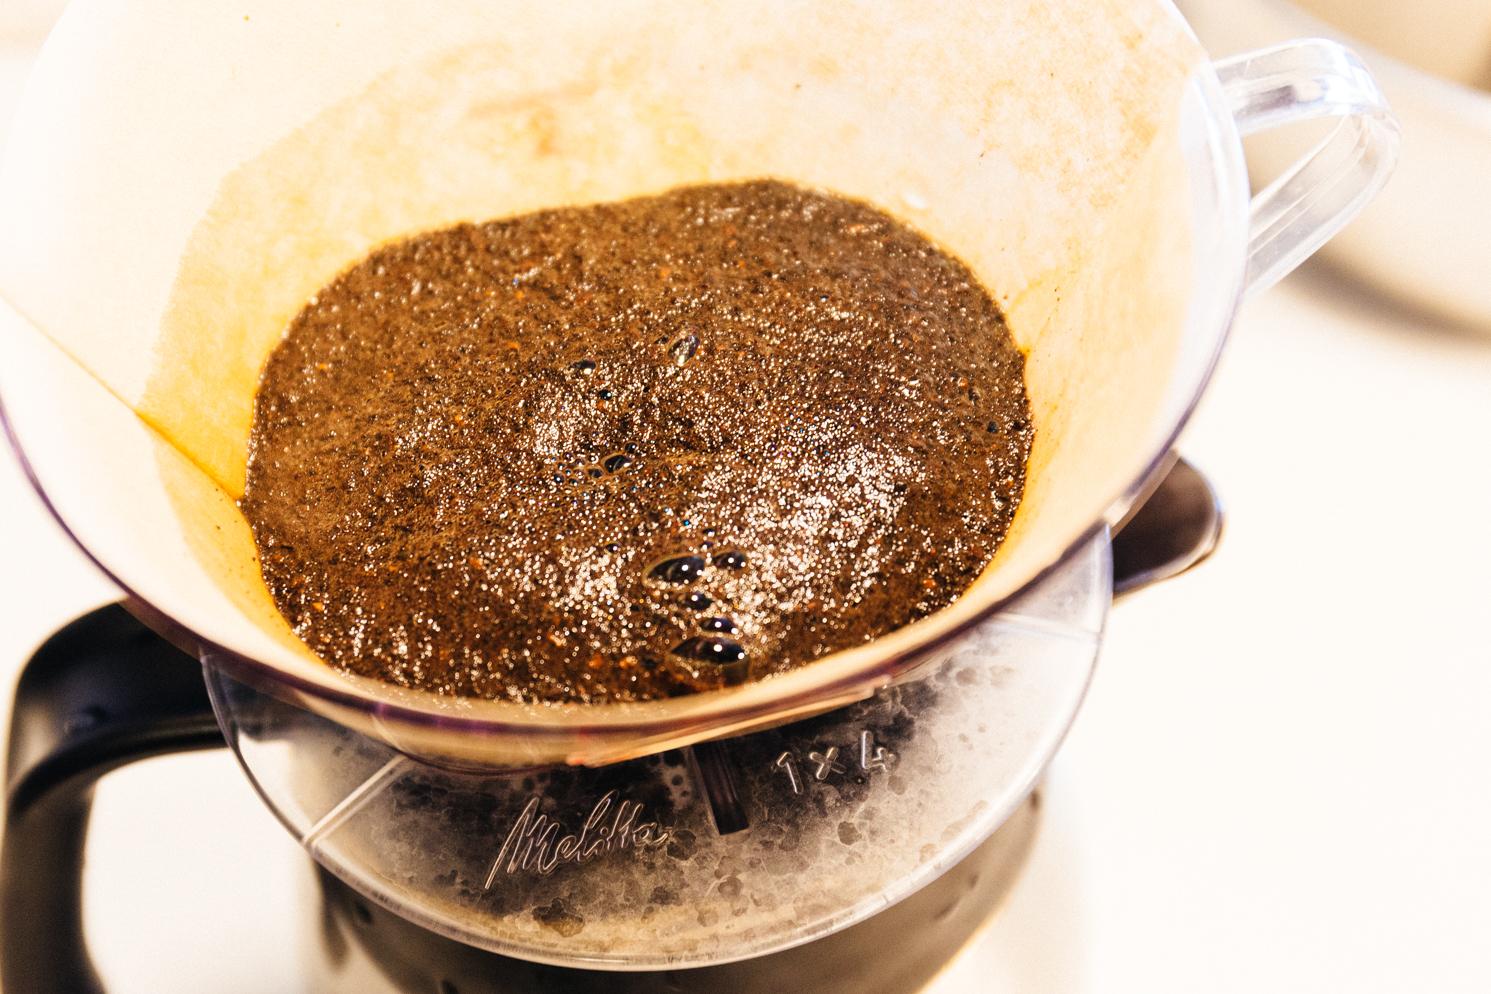 ハンドドリップ中、蒸らしているときにコーヒー粉がほこほこと膨らむ